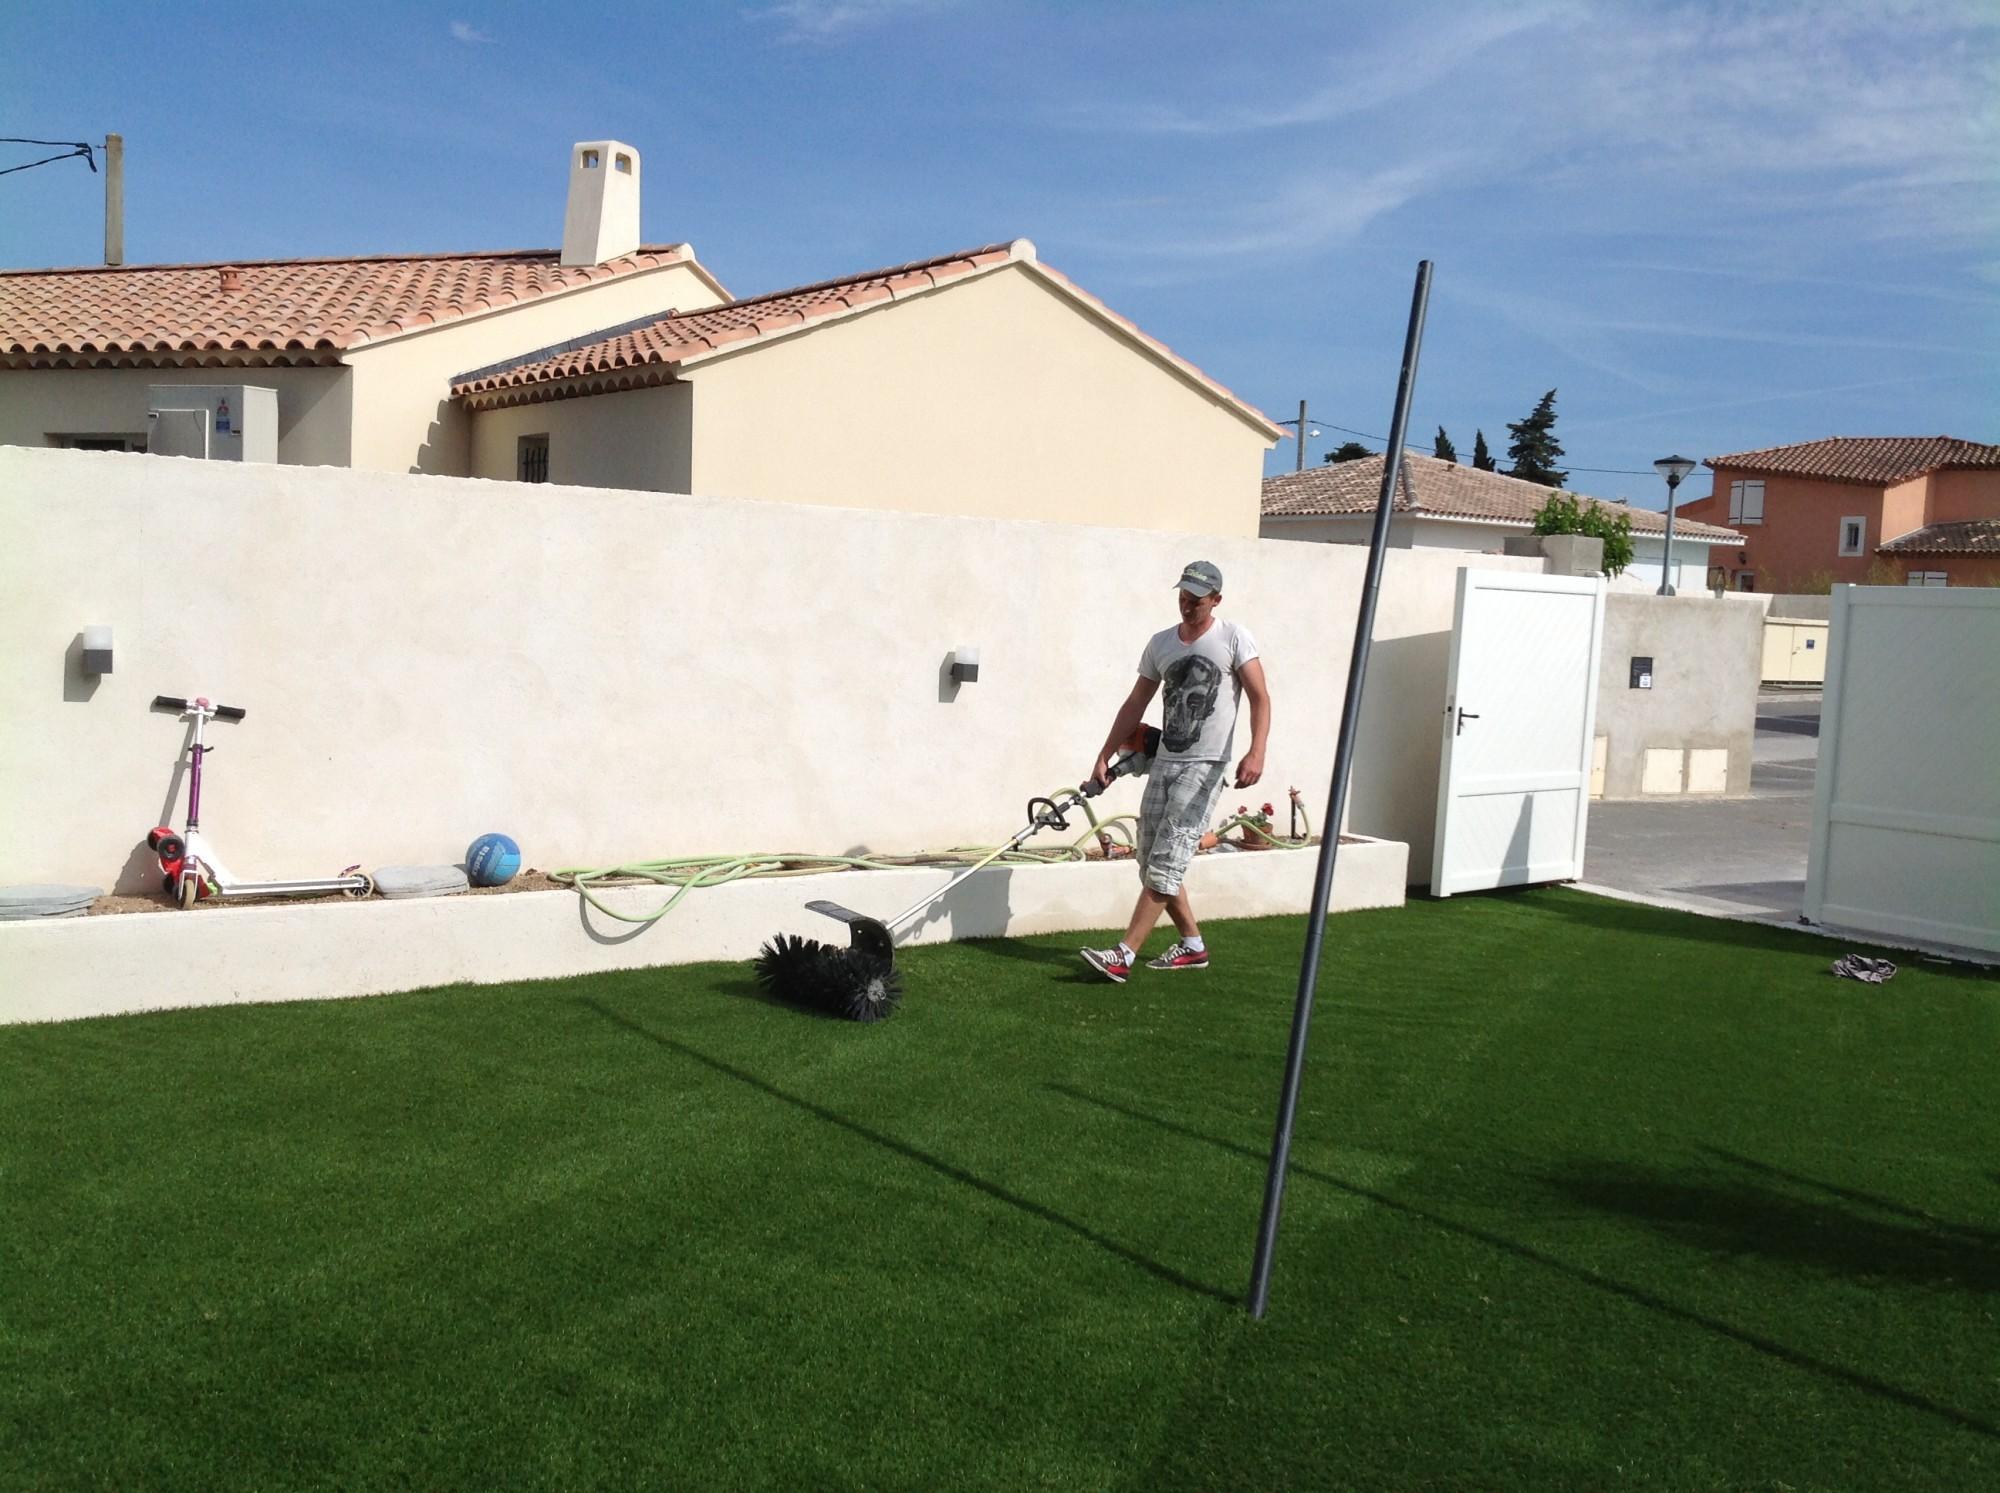 Brossage de la pelouse synthétique lors d'un chantier à Montpellier